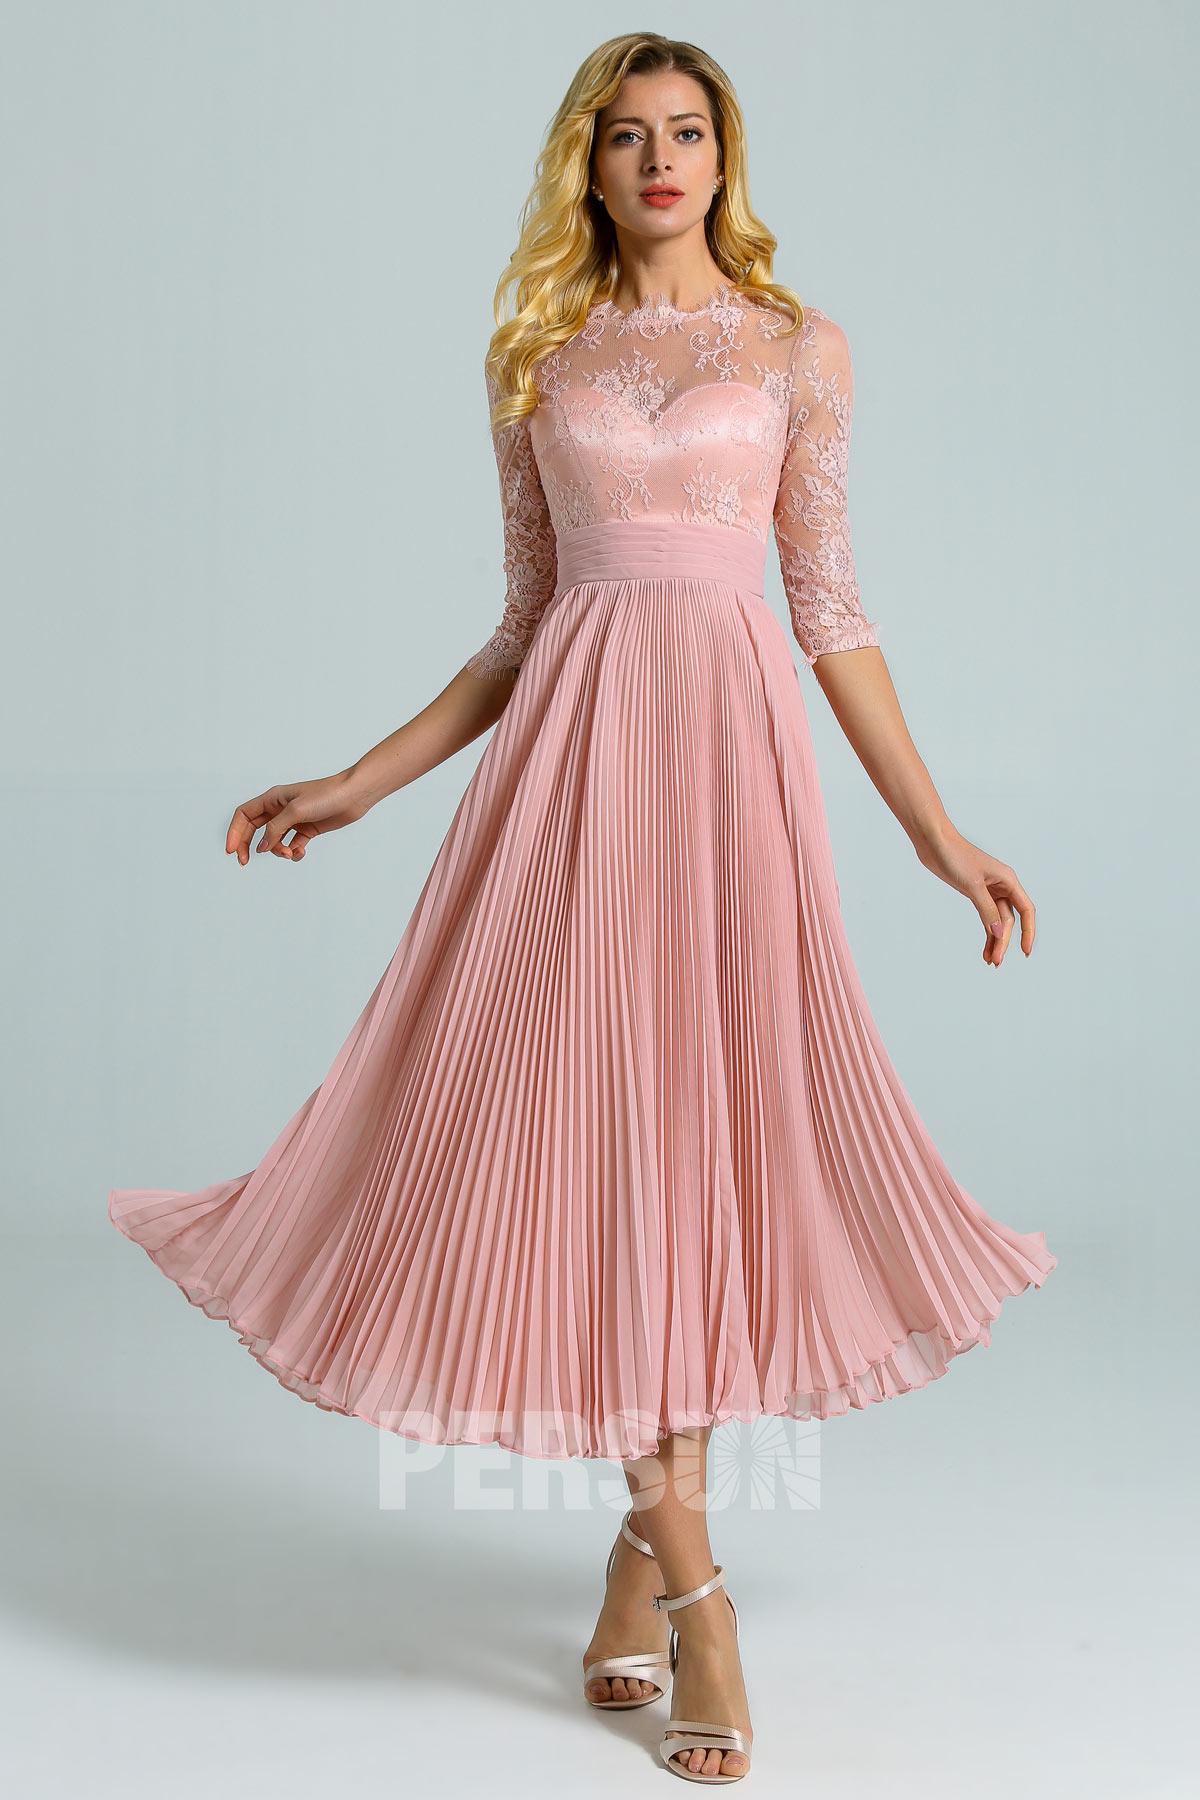 robe de cocktail rose chair mi-longue haut en dentelle avec manches jupe plissé